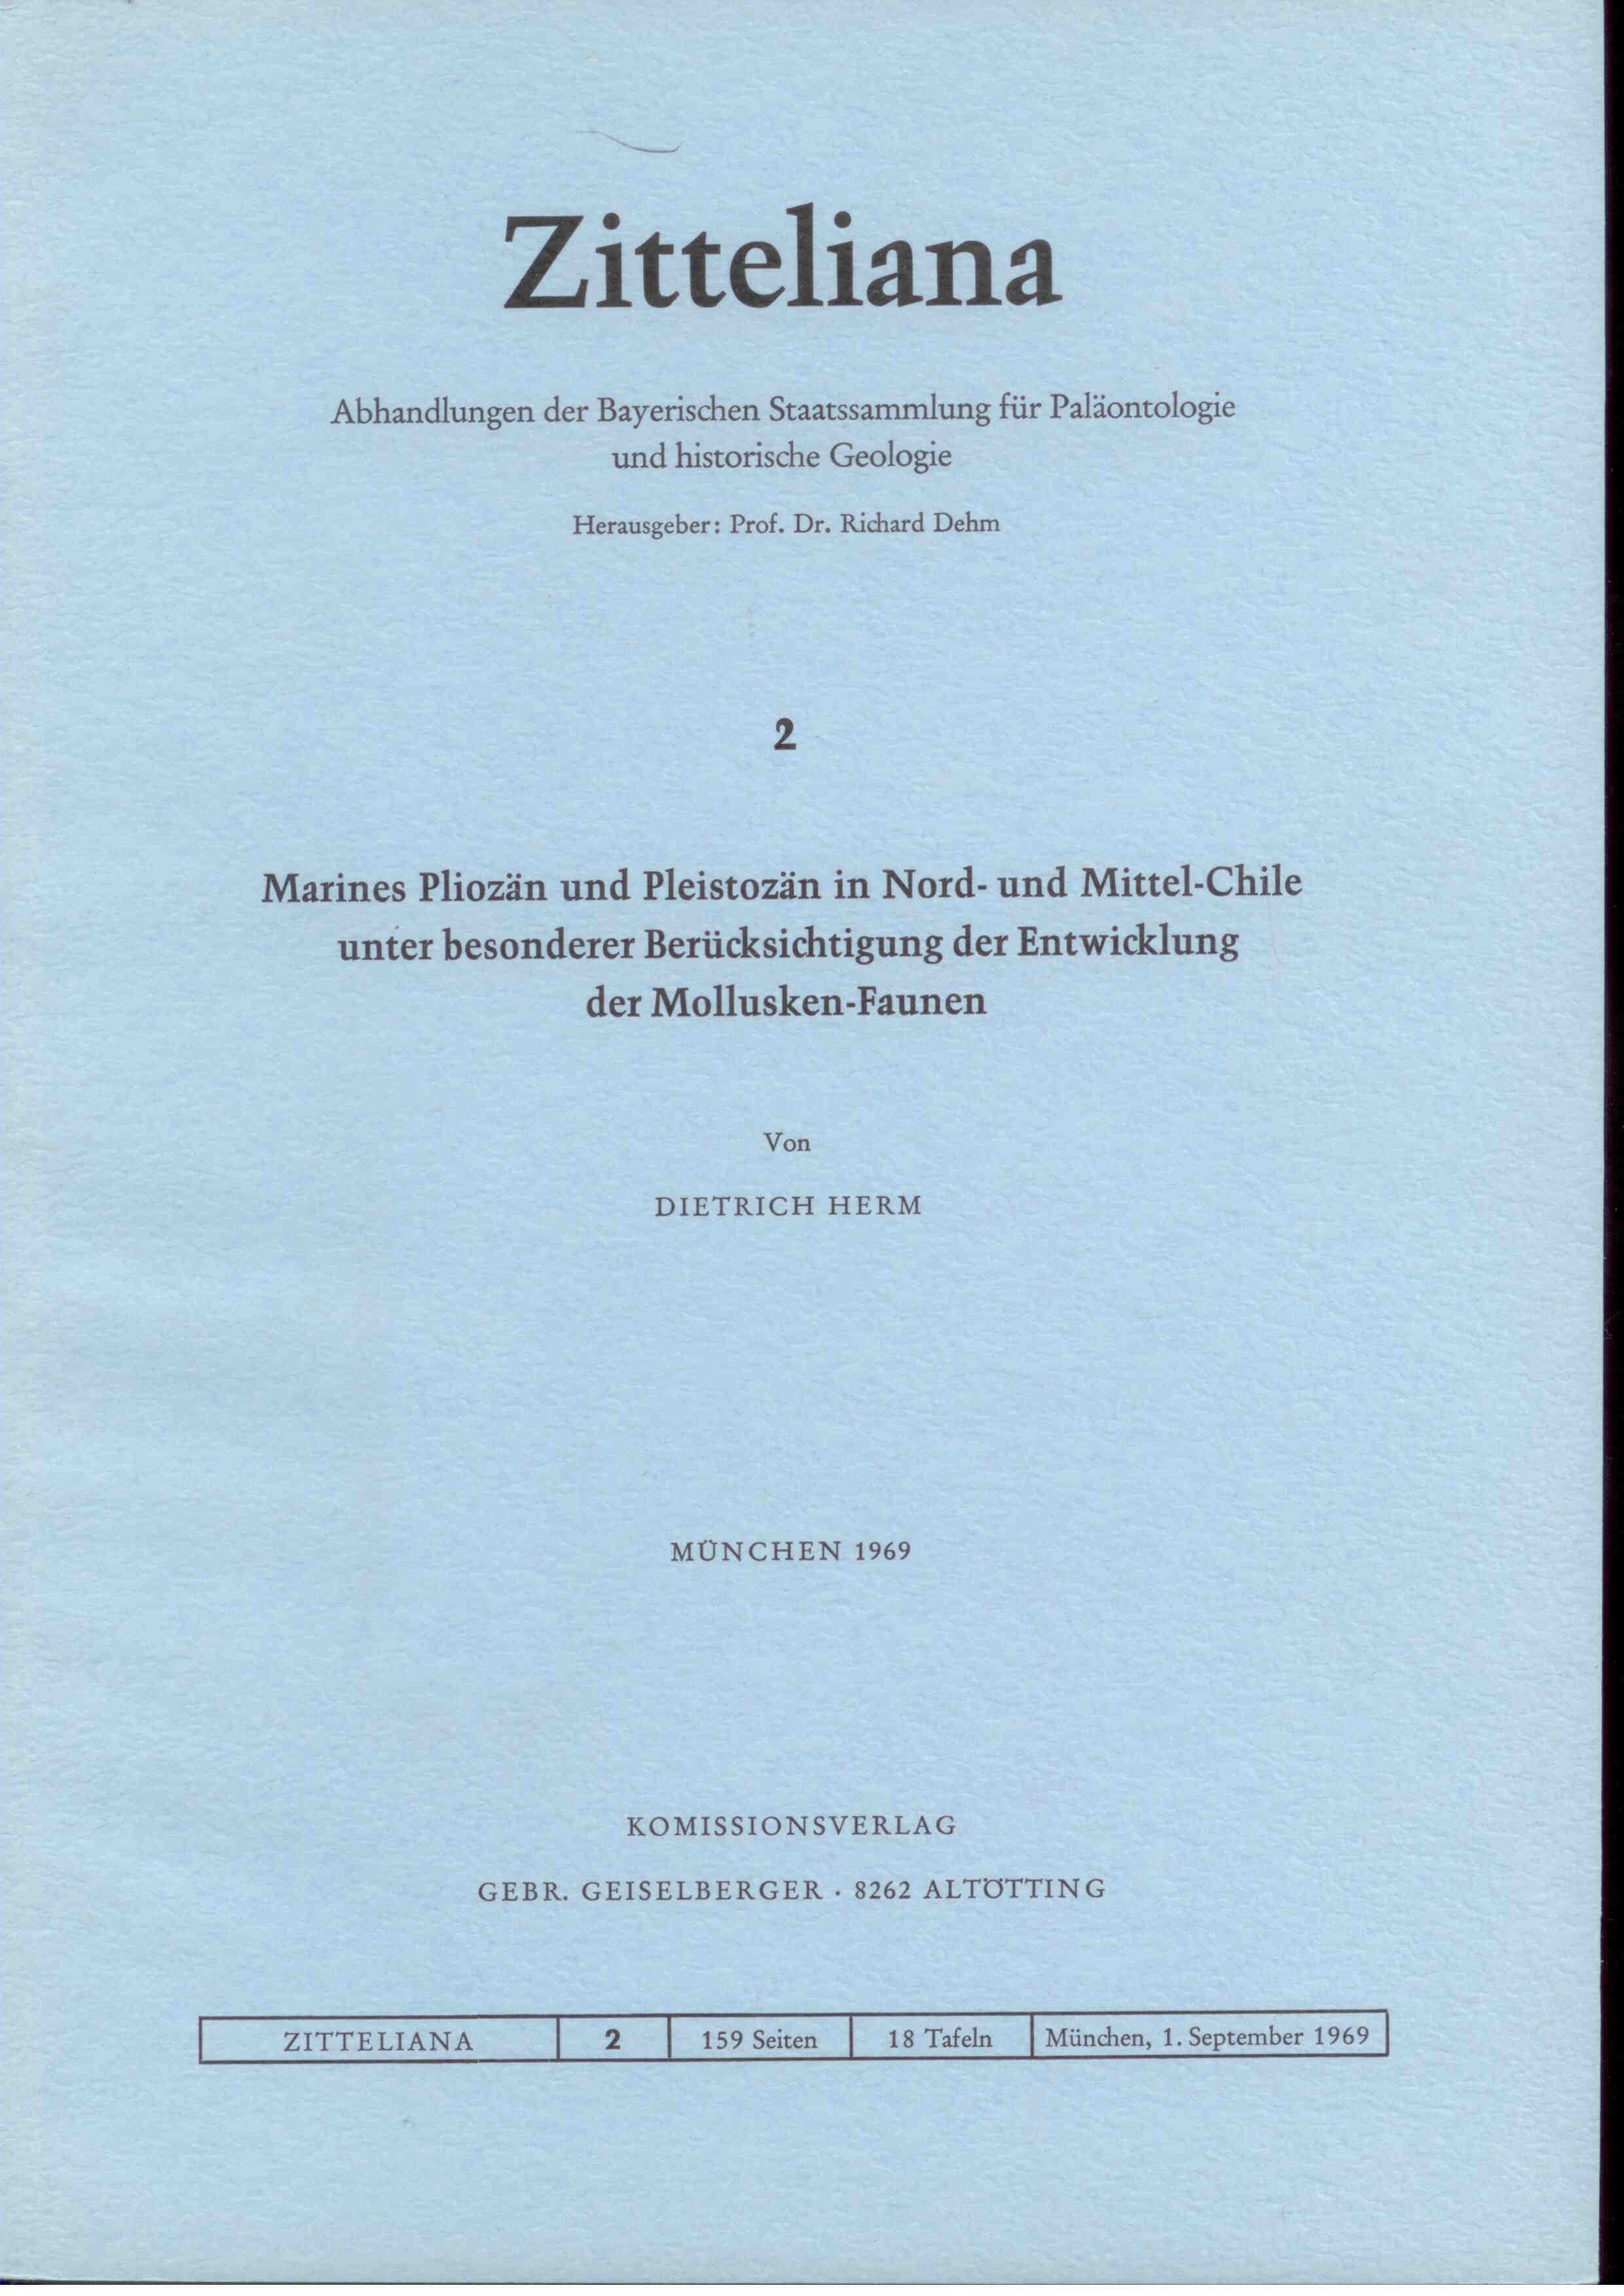 Herm D. :Marines Pliozän und Pleistozän in Nord- und Mittel-Chile unter besonderer Berücksichtigung der Entwicklung der Mollusken-Faunen. ZITTELIANA 2